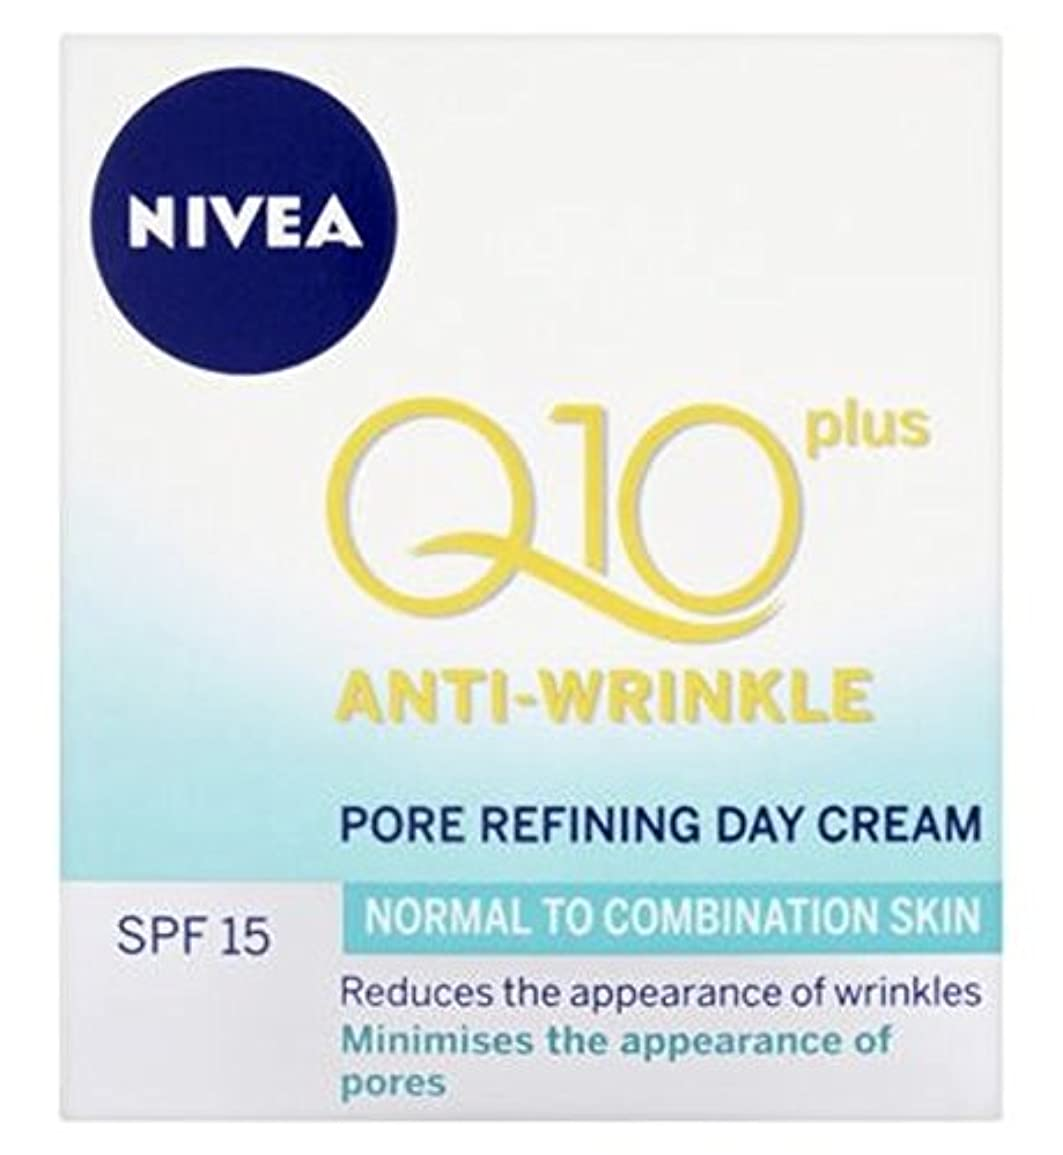 関係細心の告白混合肌のSpf15の50ミリリットルに、通常のためのニベア生活必需品のQ10プラス抗しわポアリファイニングデイクリーム (Nivea) (x2) - Nivea Daily Essentials Q10 Plus Anti-Wrinkle Pore Refining Day Cream For Normal to Combination Skin SPF15 50ml (Pack of 2) [並行輸入品]